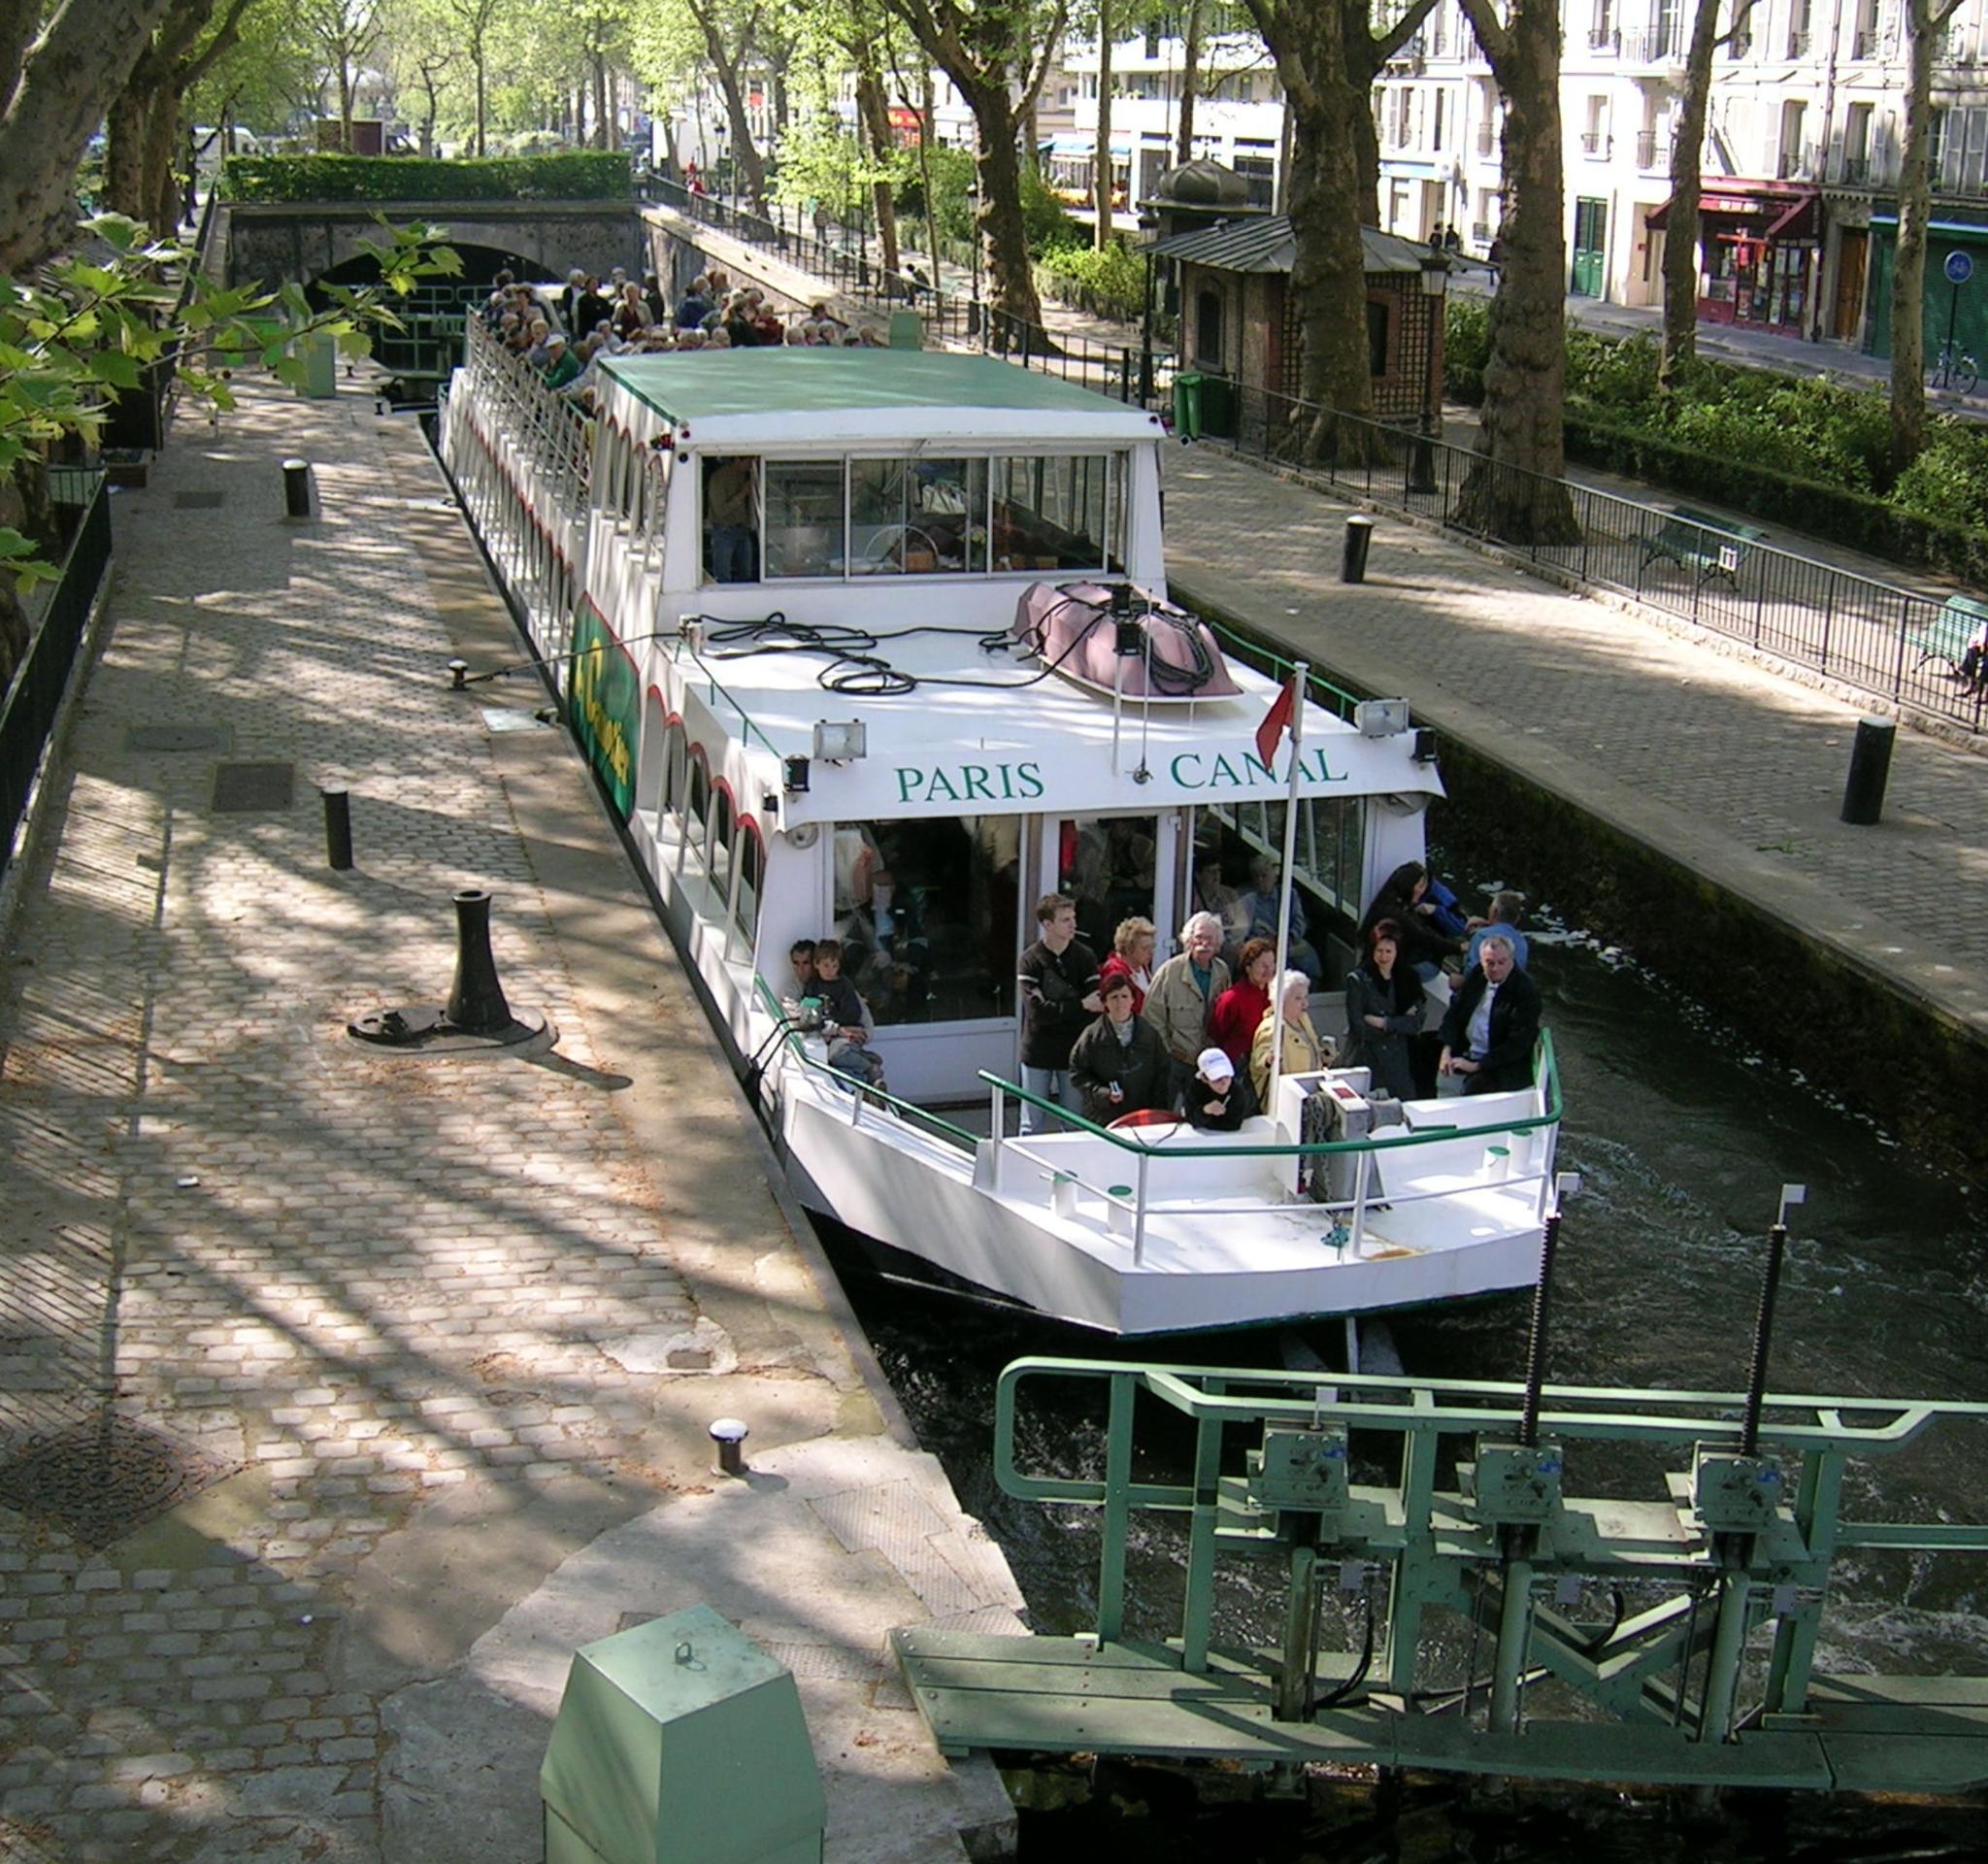 Ver la ciudad,City tours,Visitas en barco o acuáticas,Cruises, sailing & water tours,Crucero por el Sena,Sólo el crucero